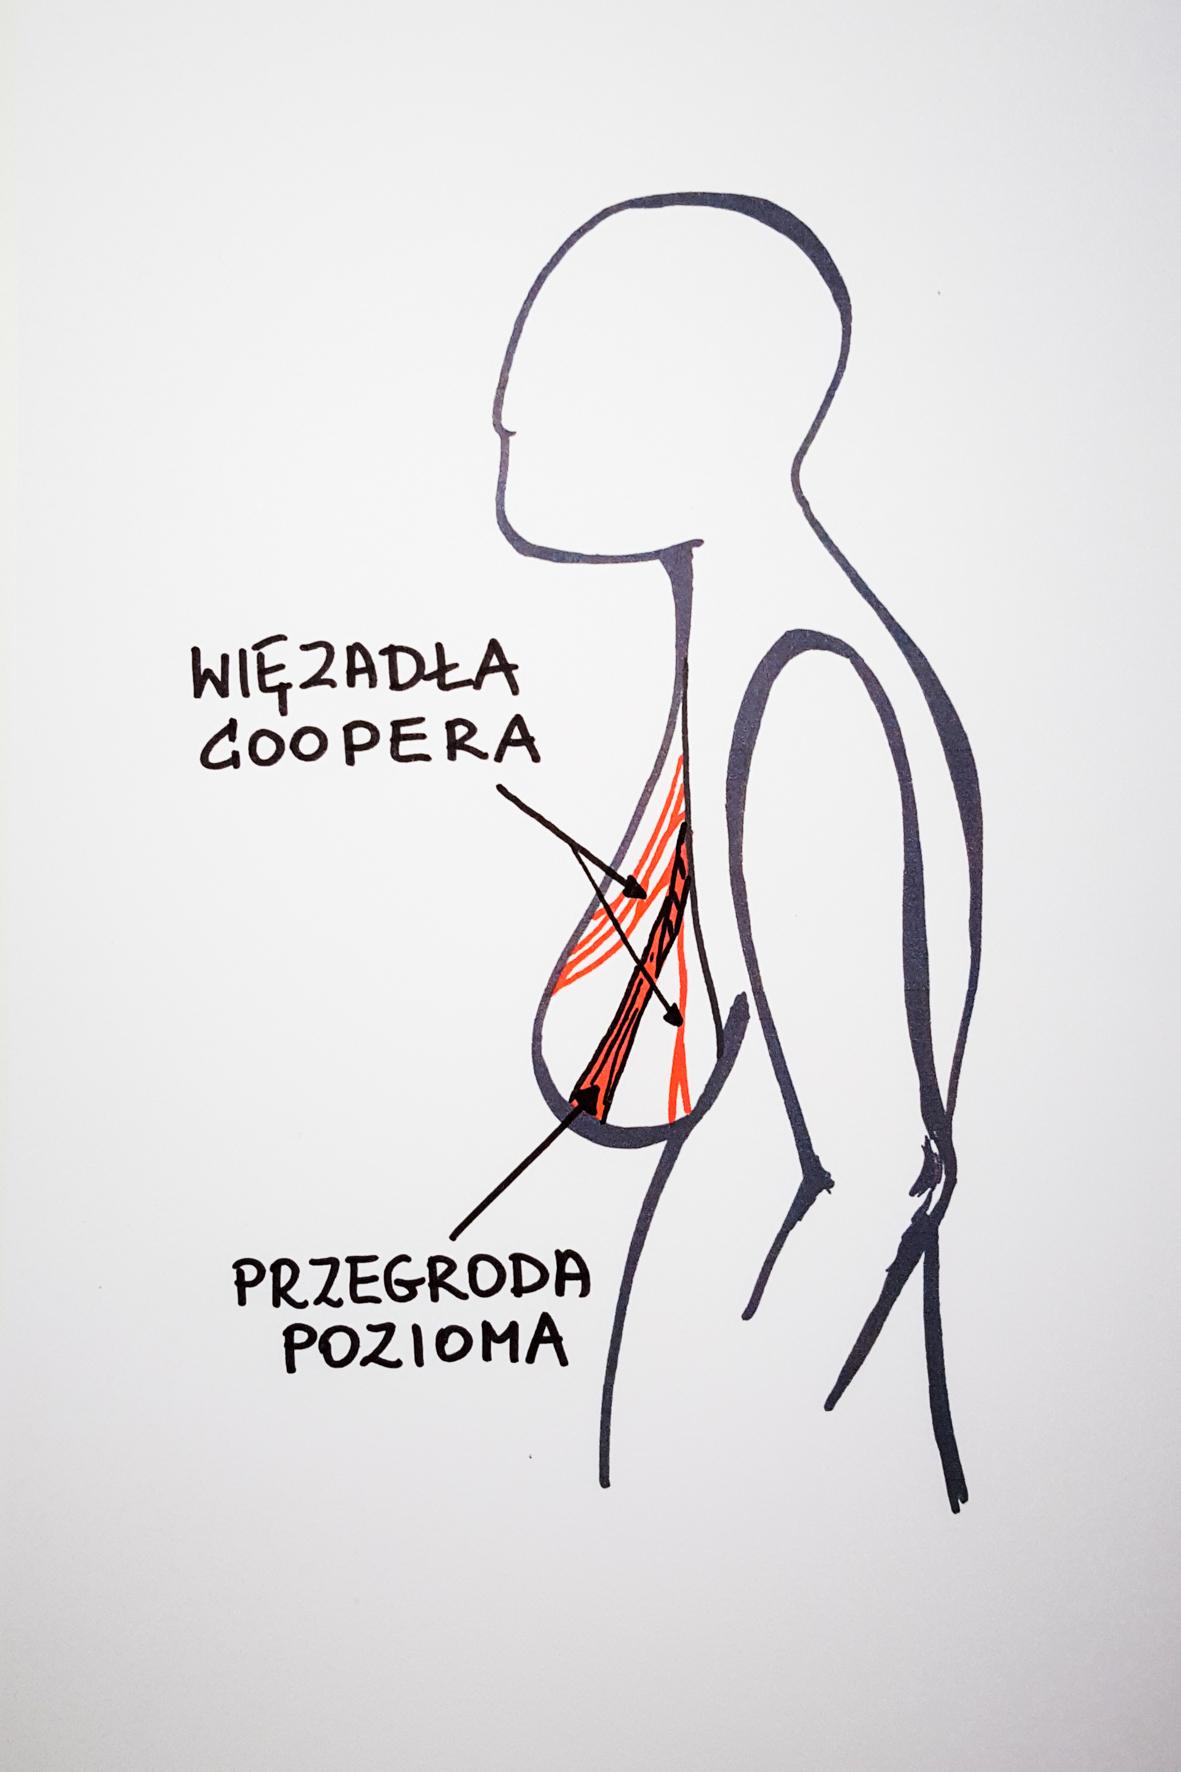 Zmiany aparatu więzadłowego w piersiach pod wpływem wieku, przyrostu wagi, niewłaściwej bielizny. Rycina przedstawia przygarbioną sylwetkę z piersiami z zaznaczonymi więzadłami Coopera oraz przegrodą poziomą.